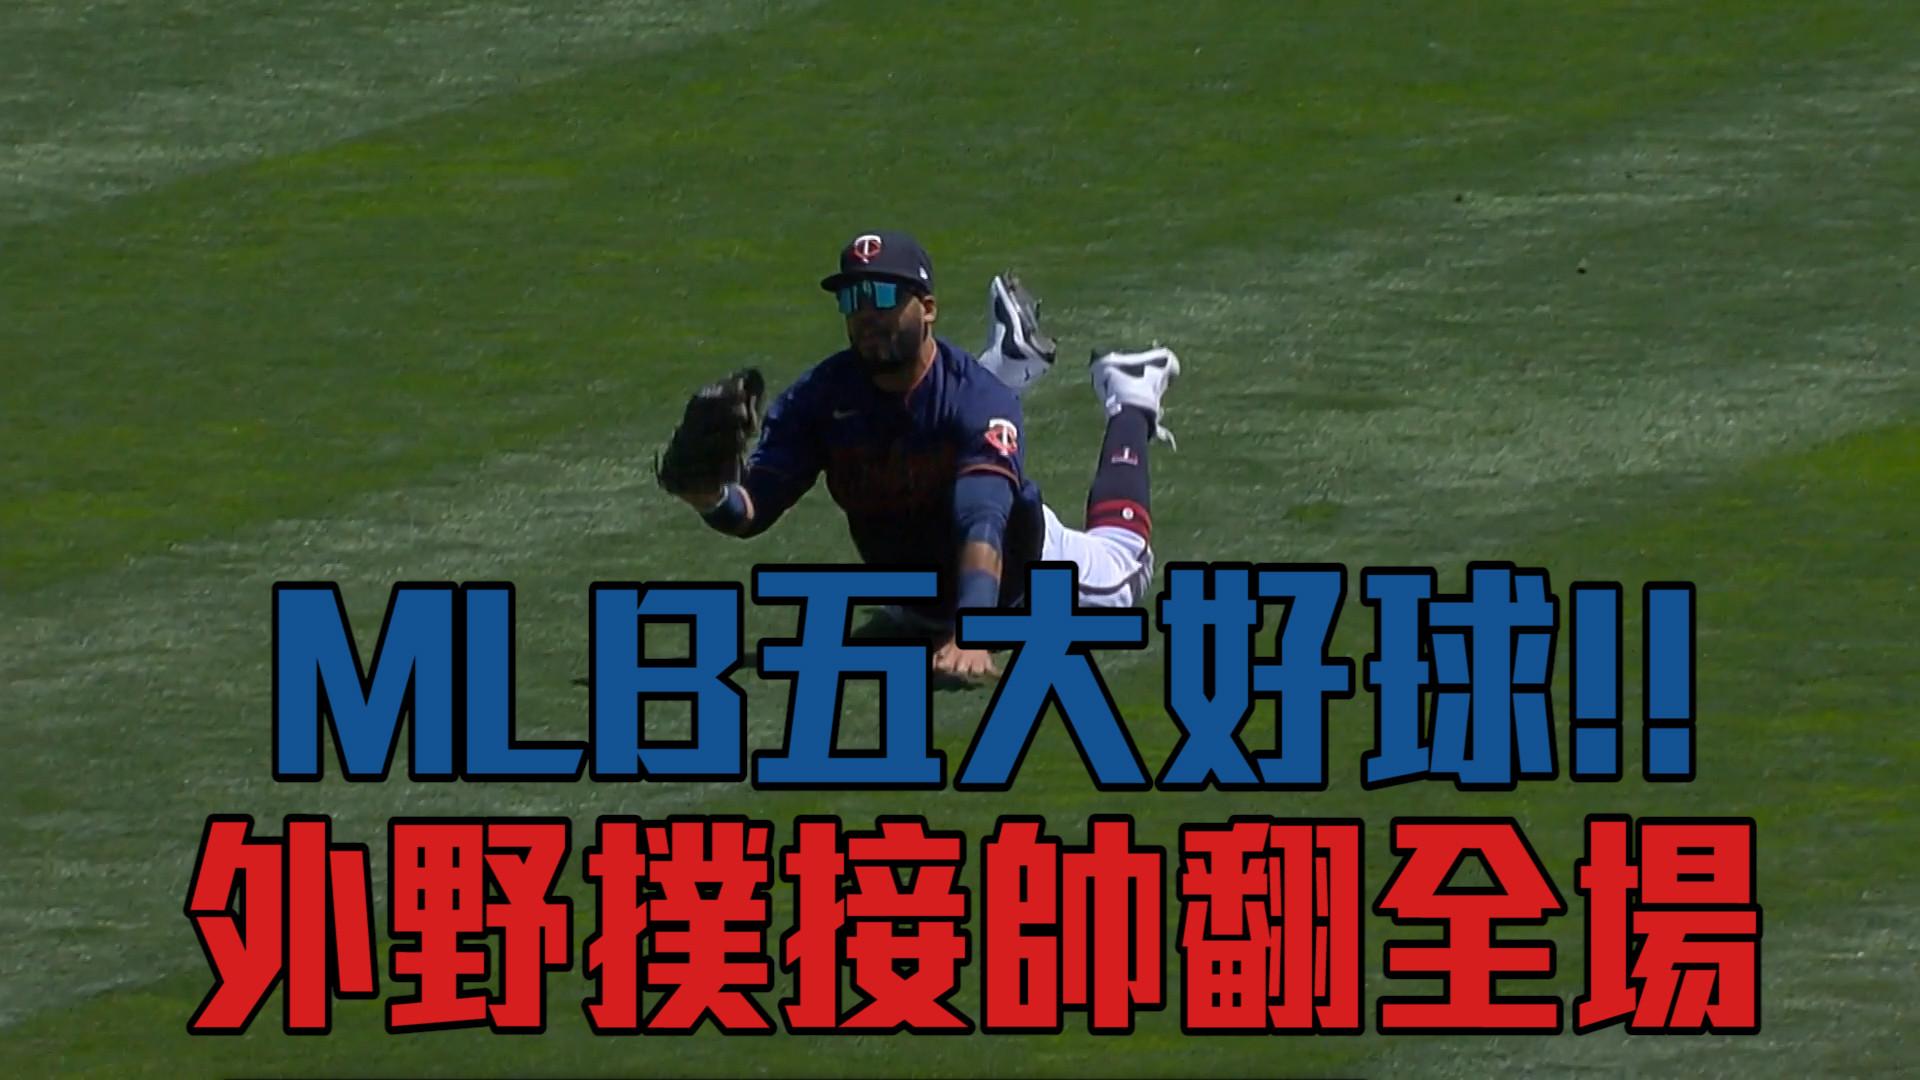 【MLB看愛爾達】大聯盟五大精彩好球 跨區辦案成顯學 06/23